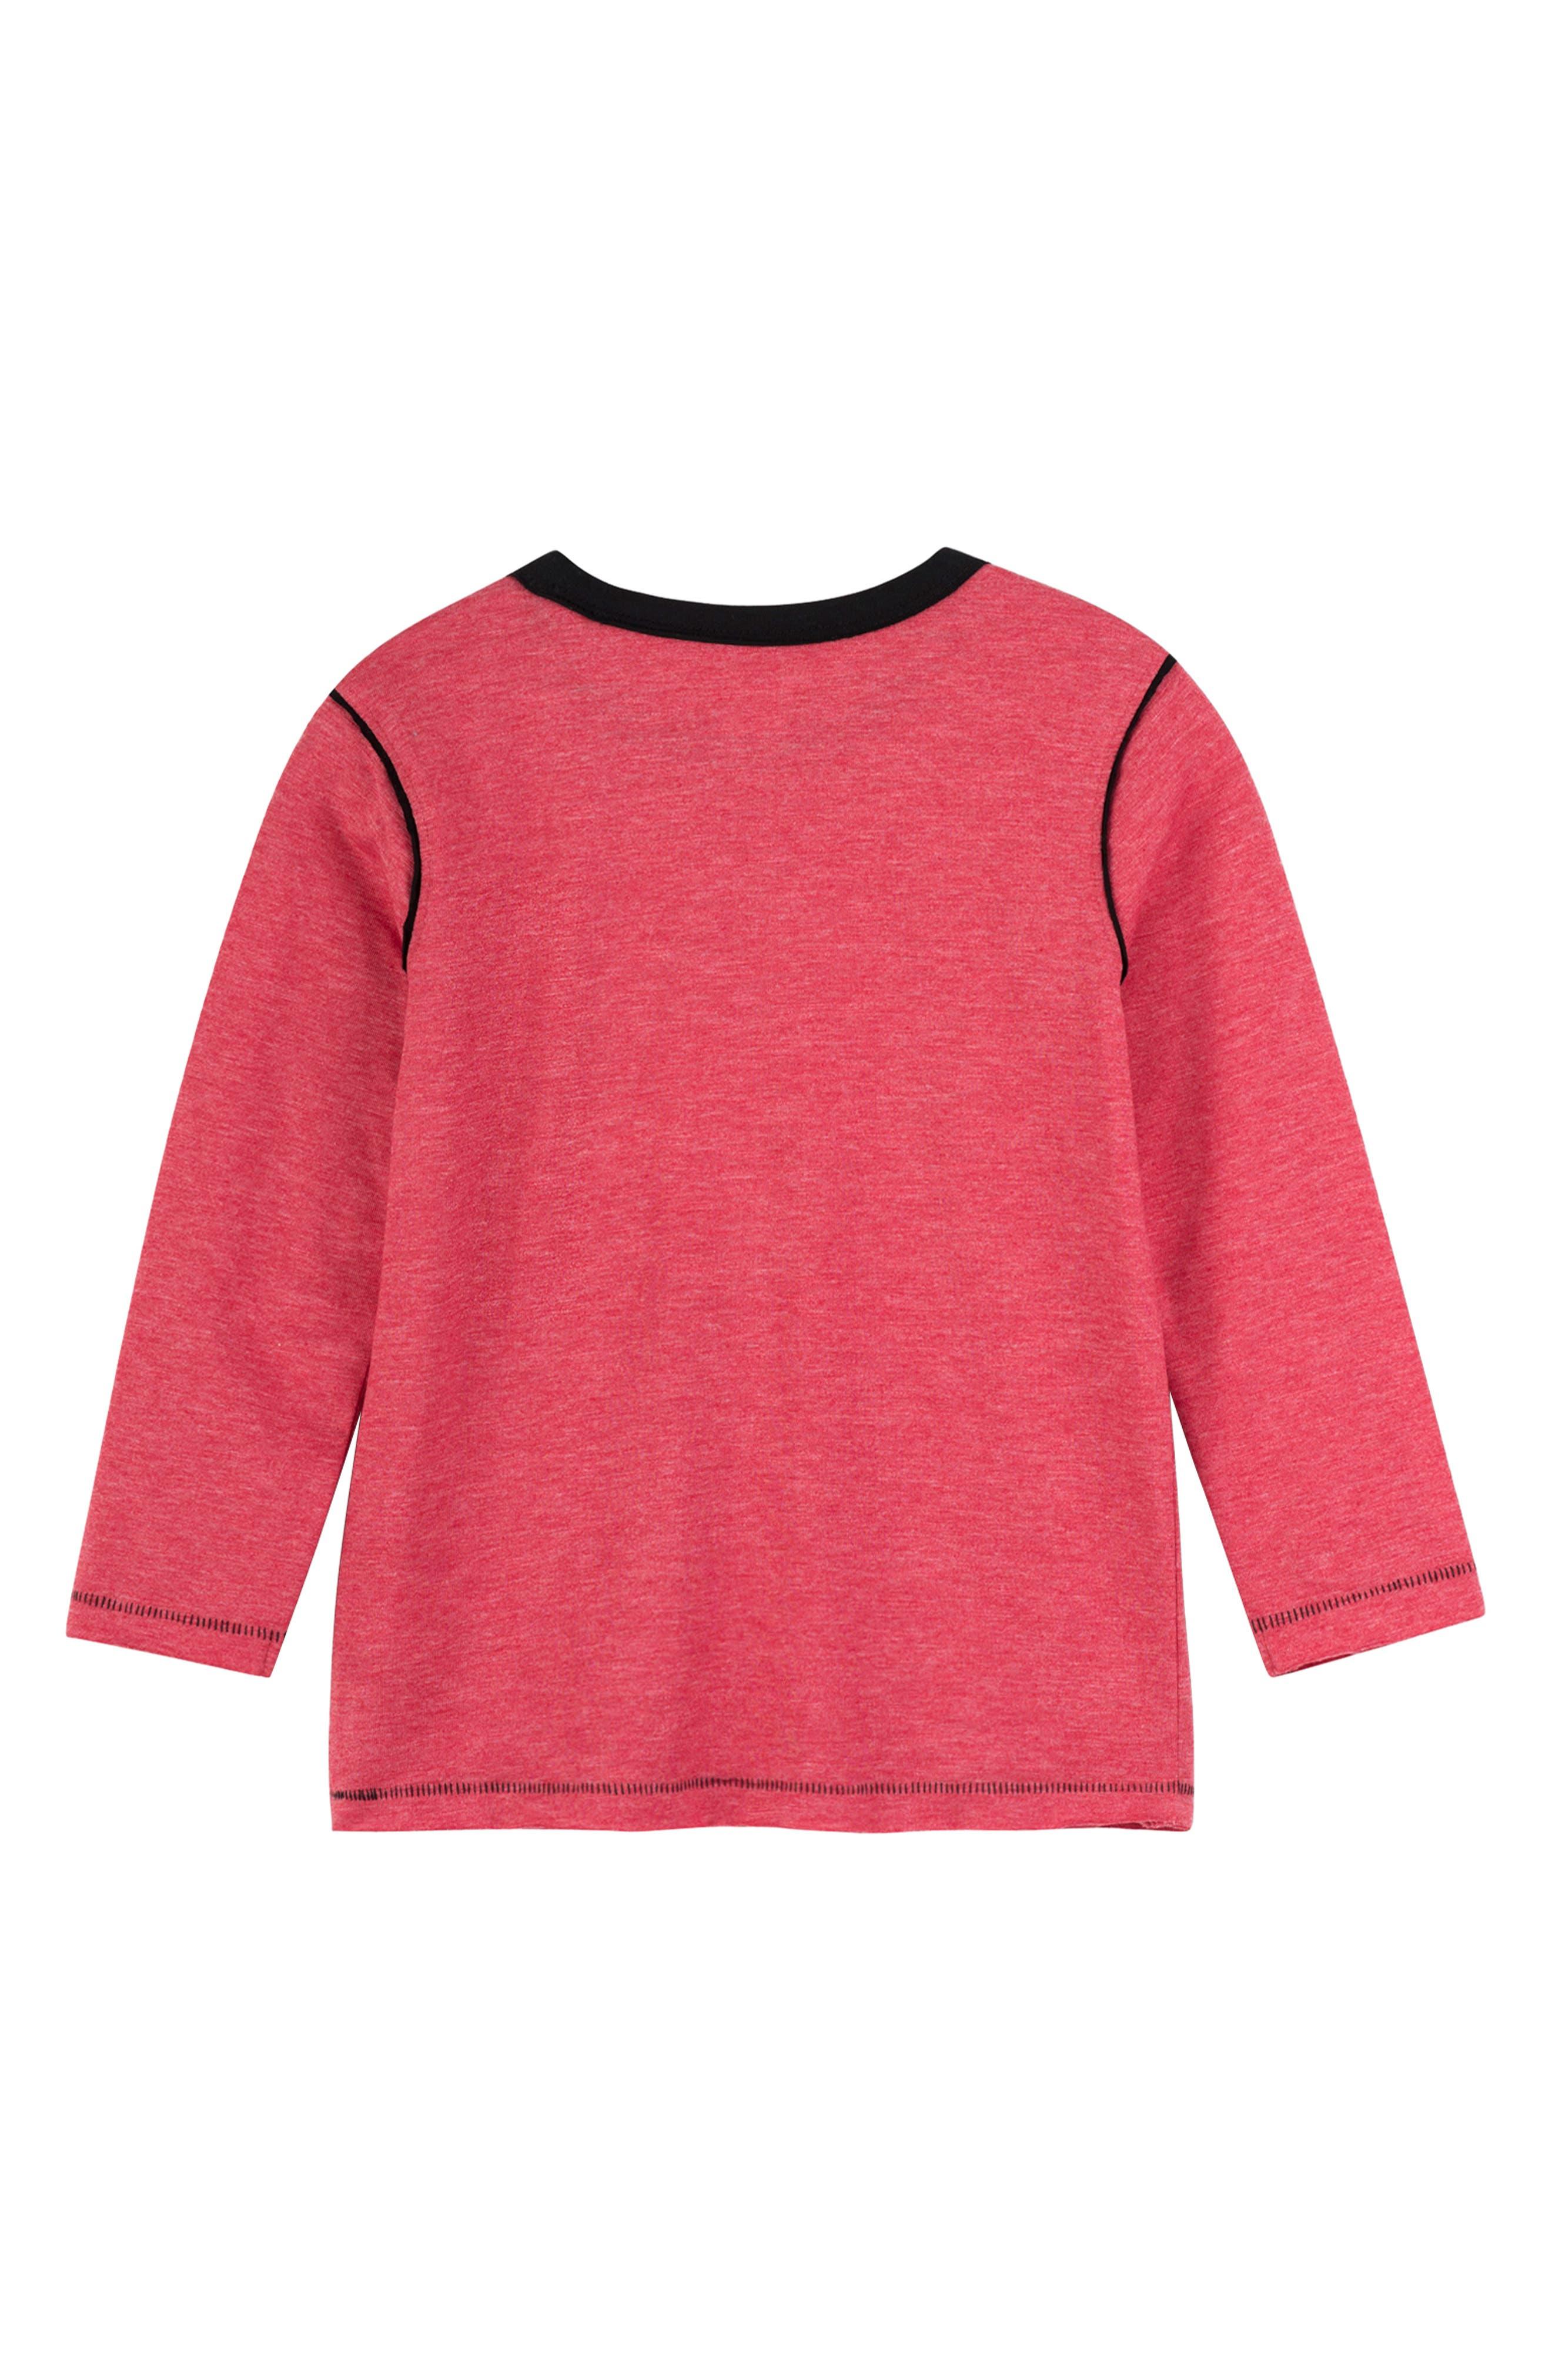 HATLEY, Long Sleeve T-Shirt, Alternate thumbnail 2, color, 600